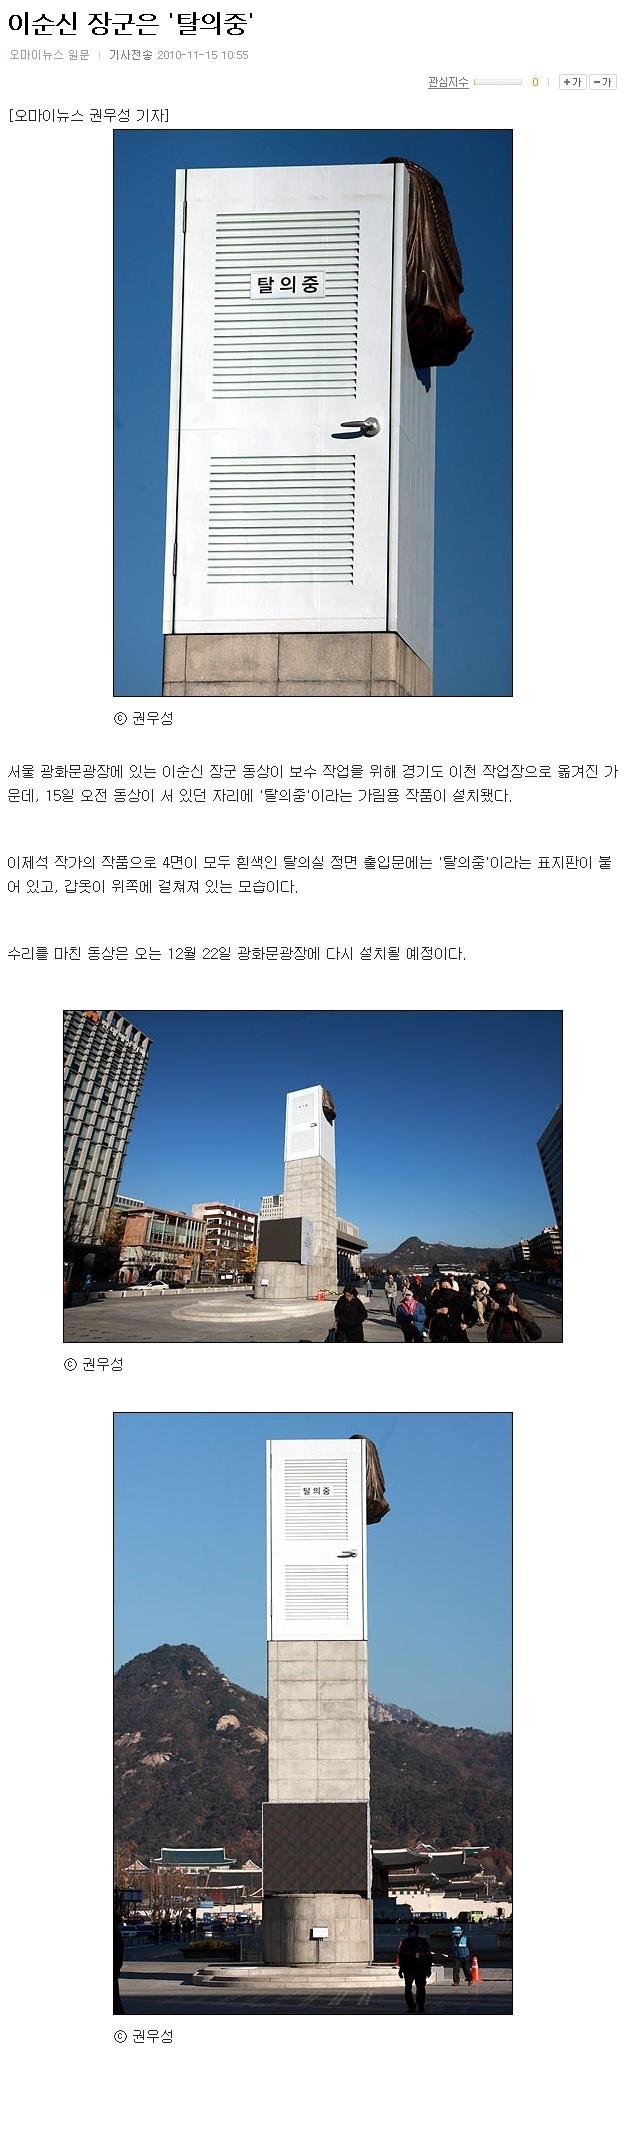 네이트-오마이뉴스.jpg